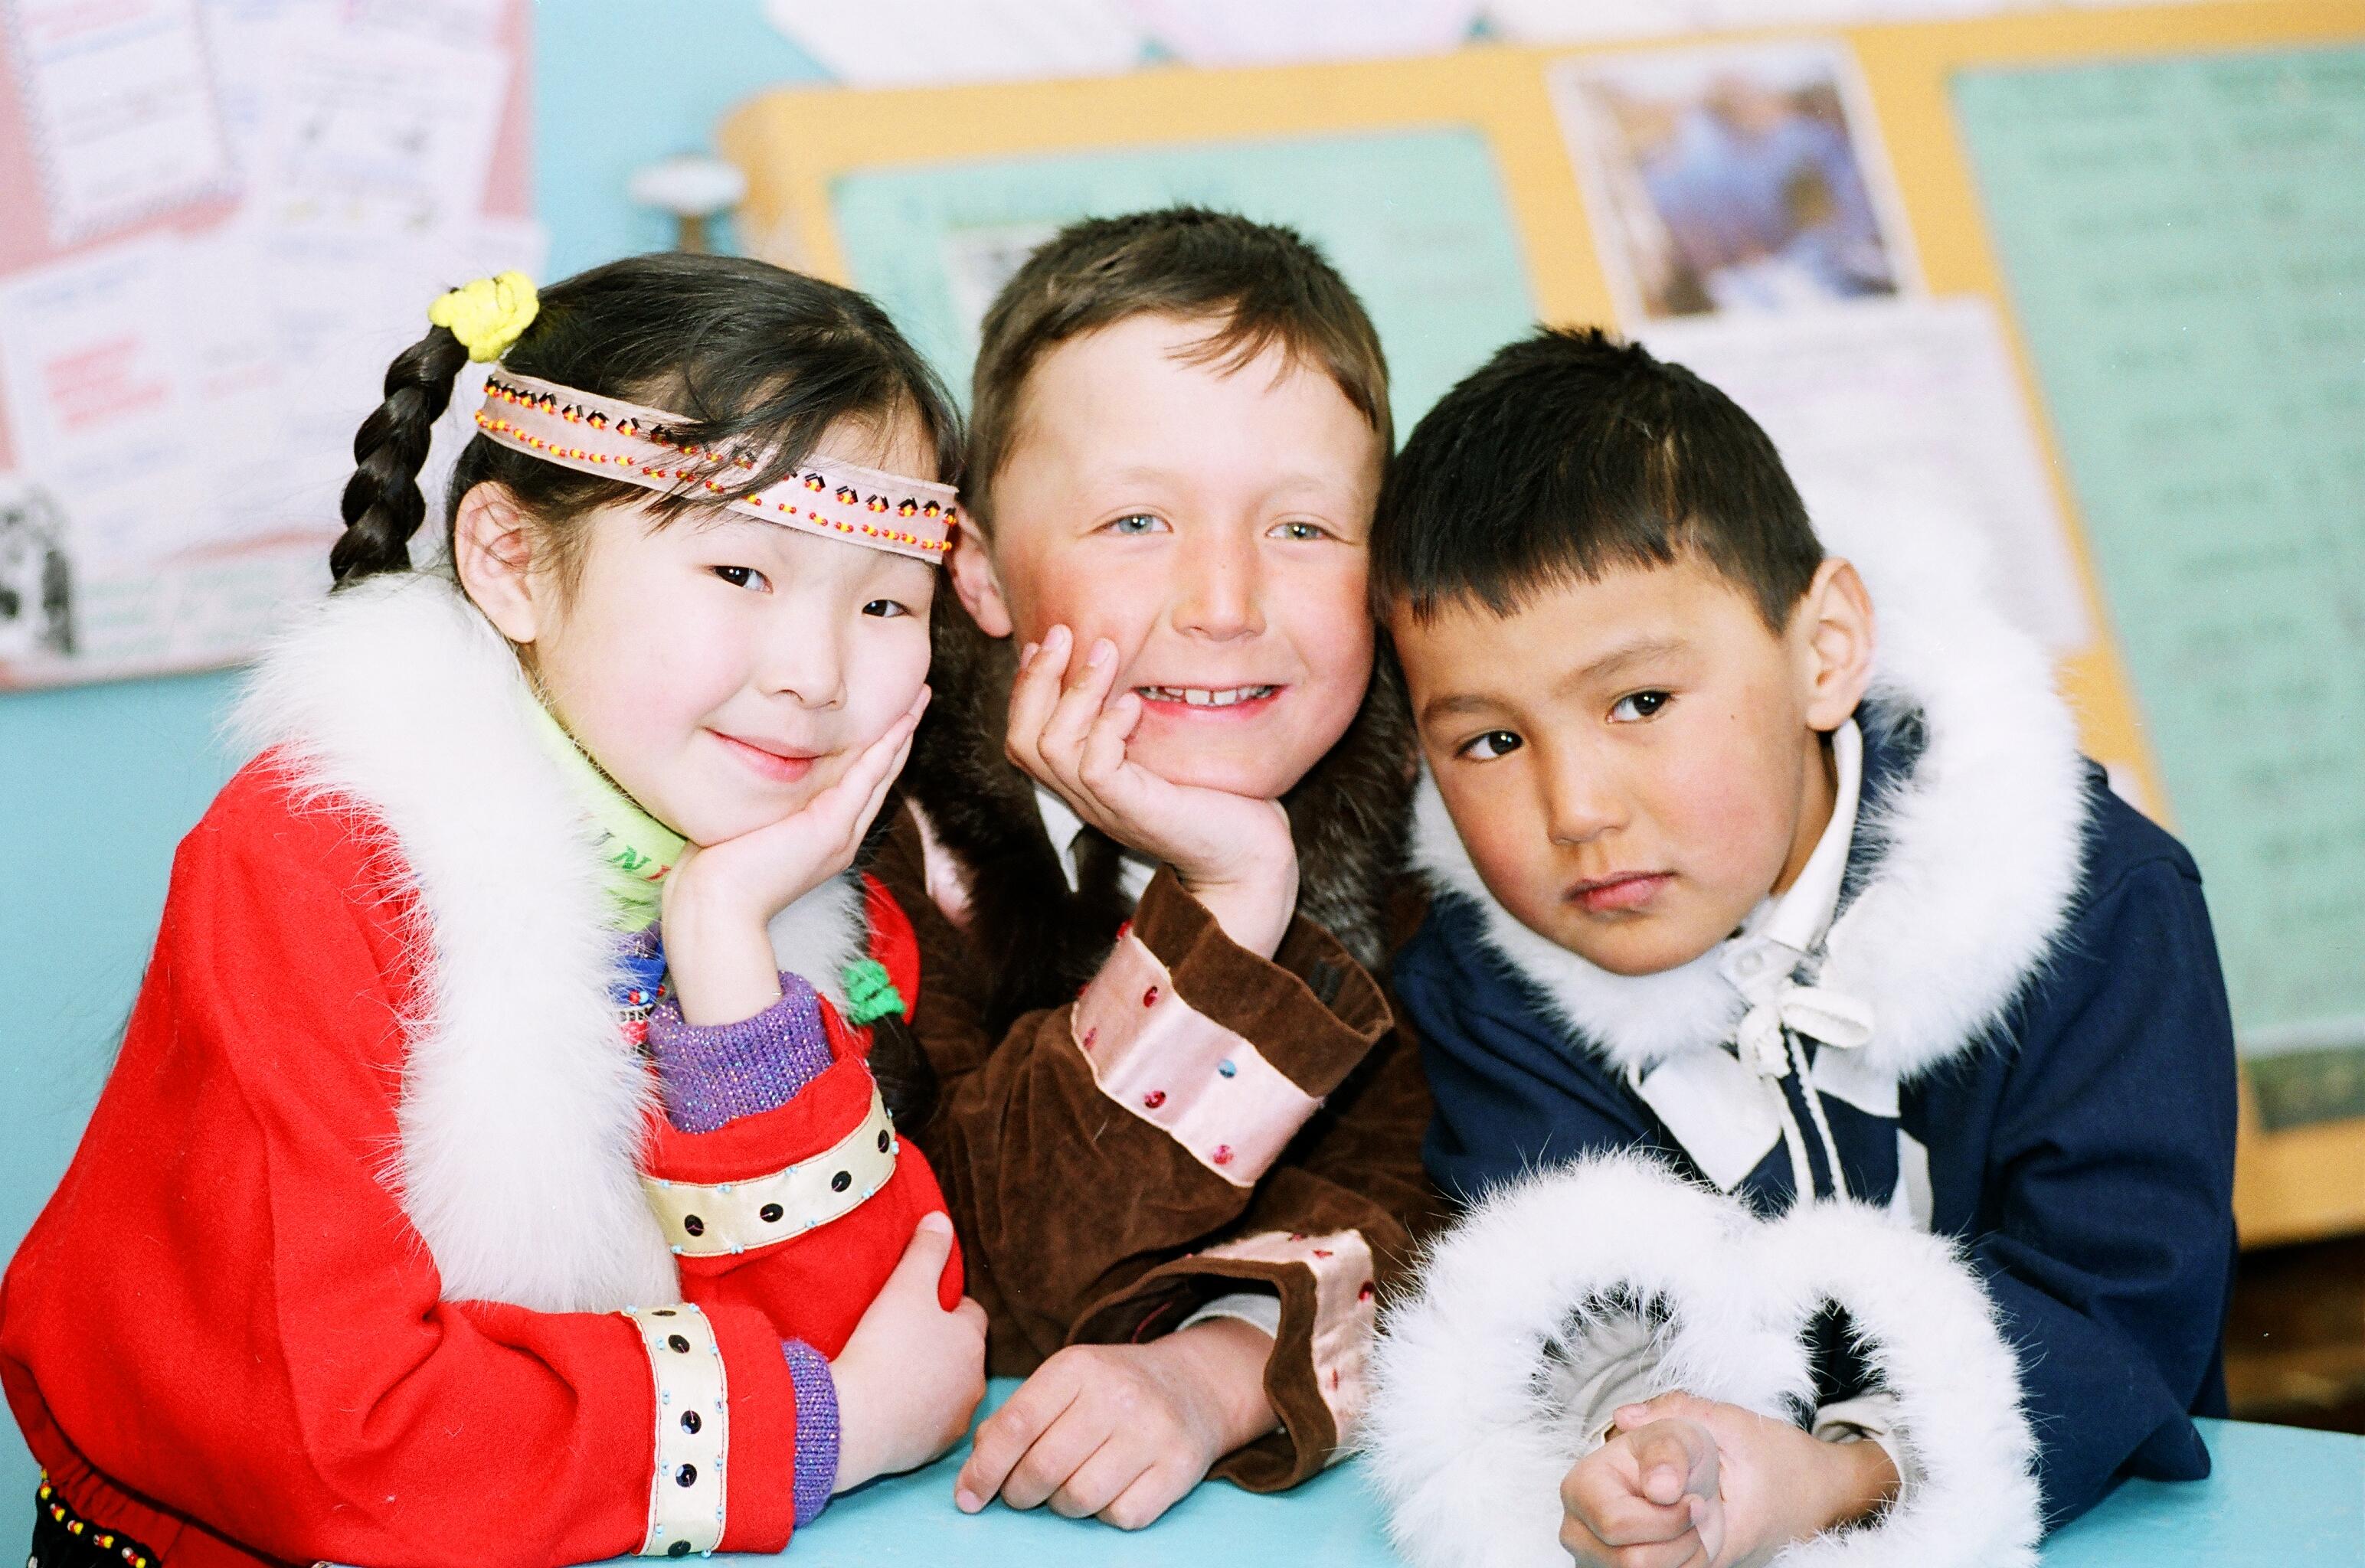 Айсен Николаев представил на Арктическом форуме лучшие проекты Якутии в сфере образования детей